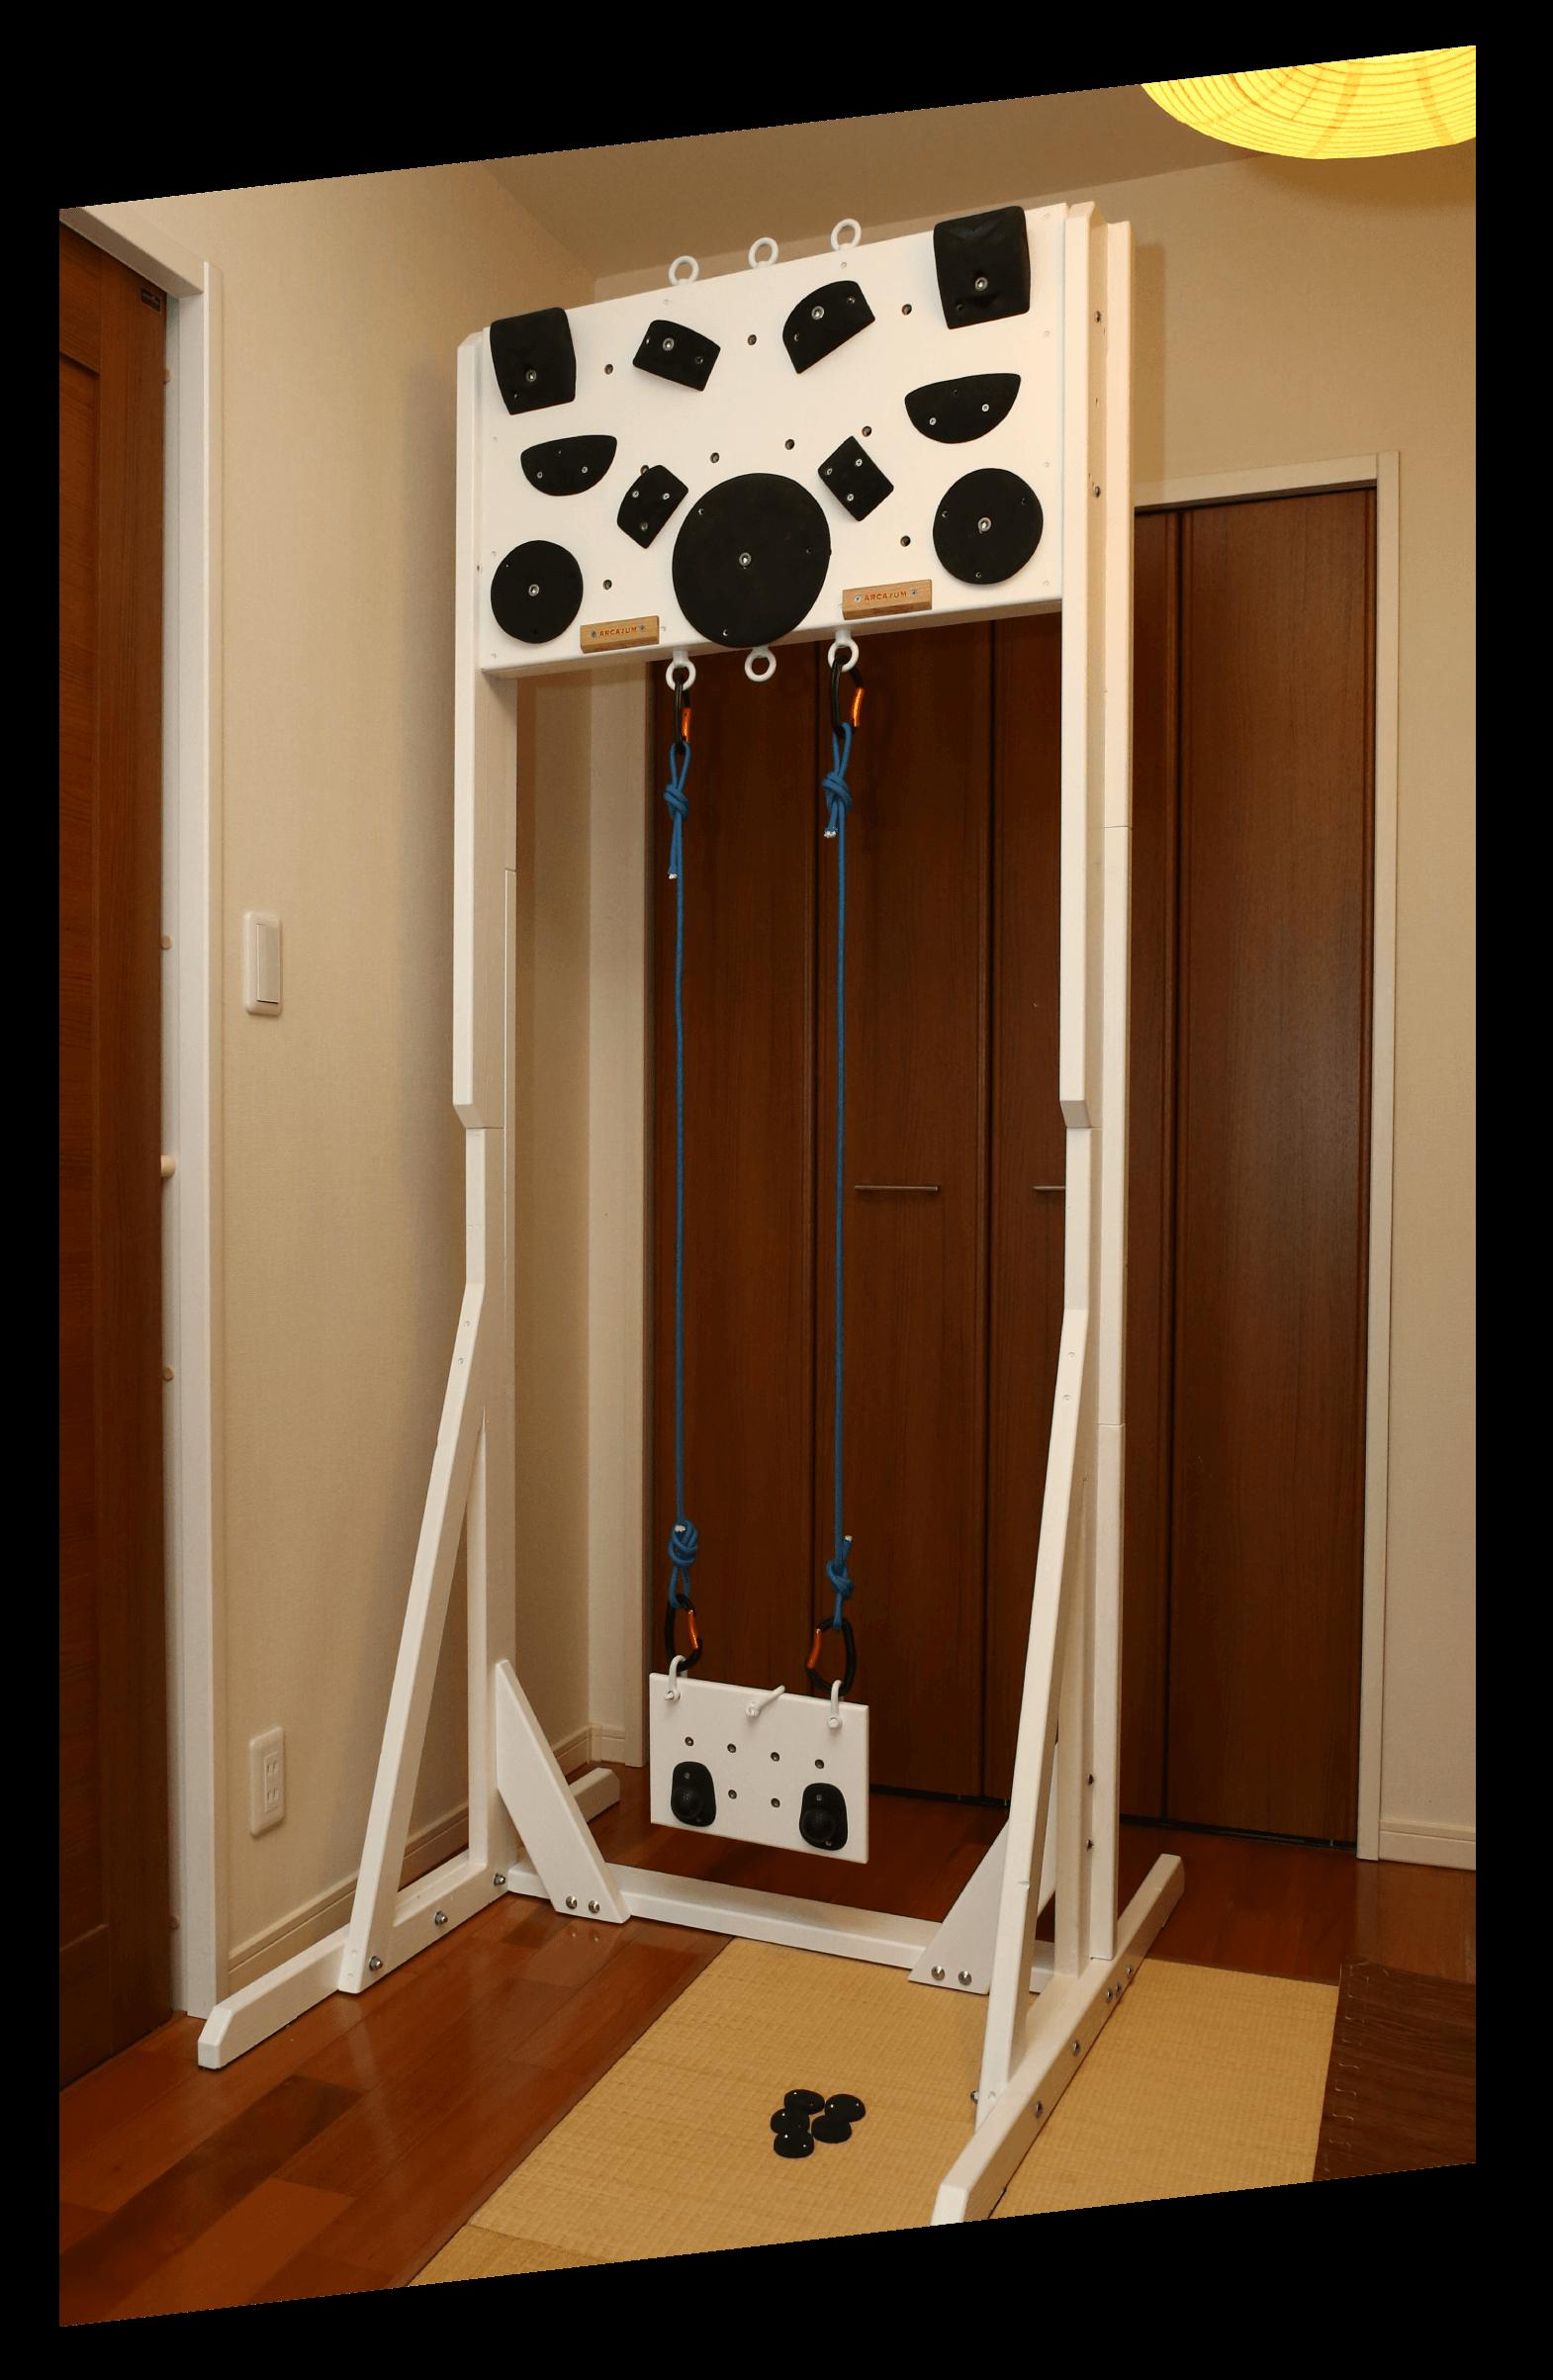 天井の低い日本の住宅にも邪魔にならないサイズ感(H1800×W1800)